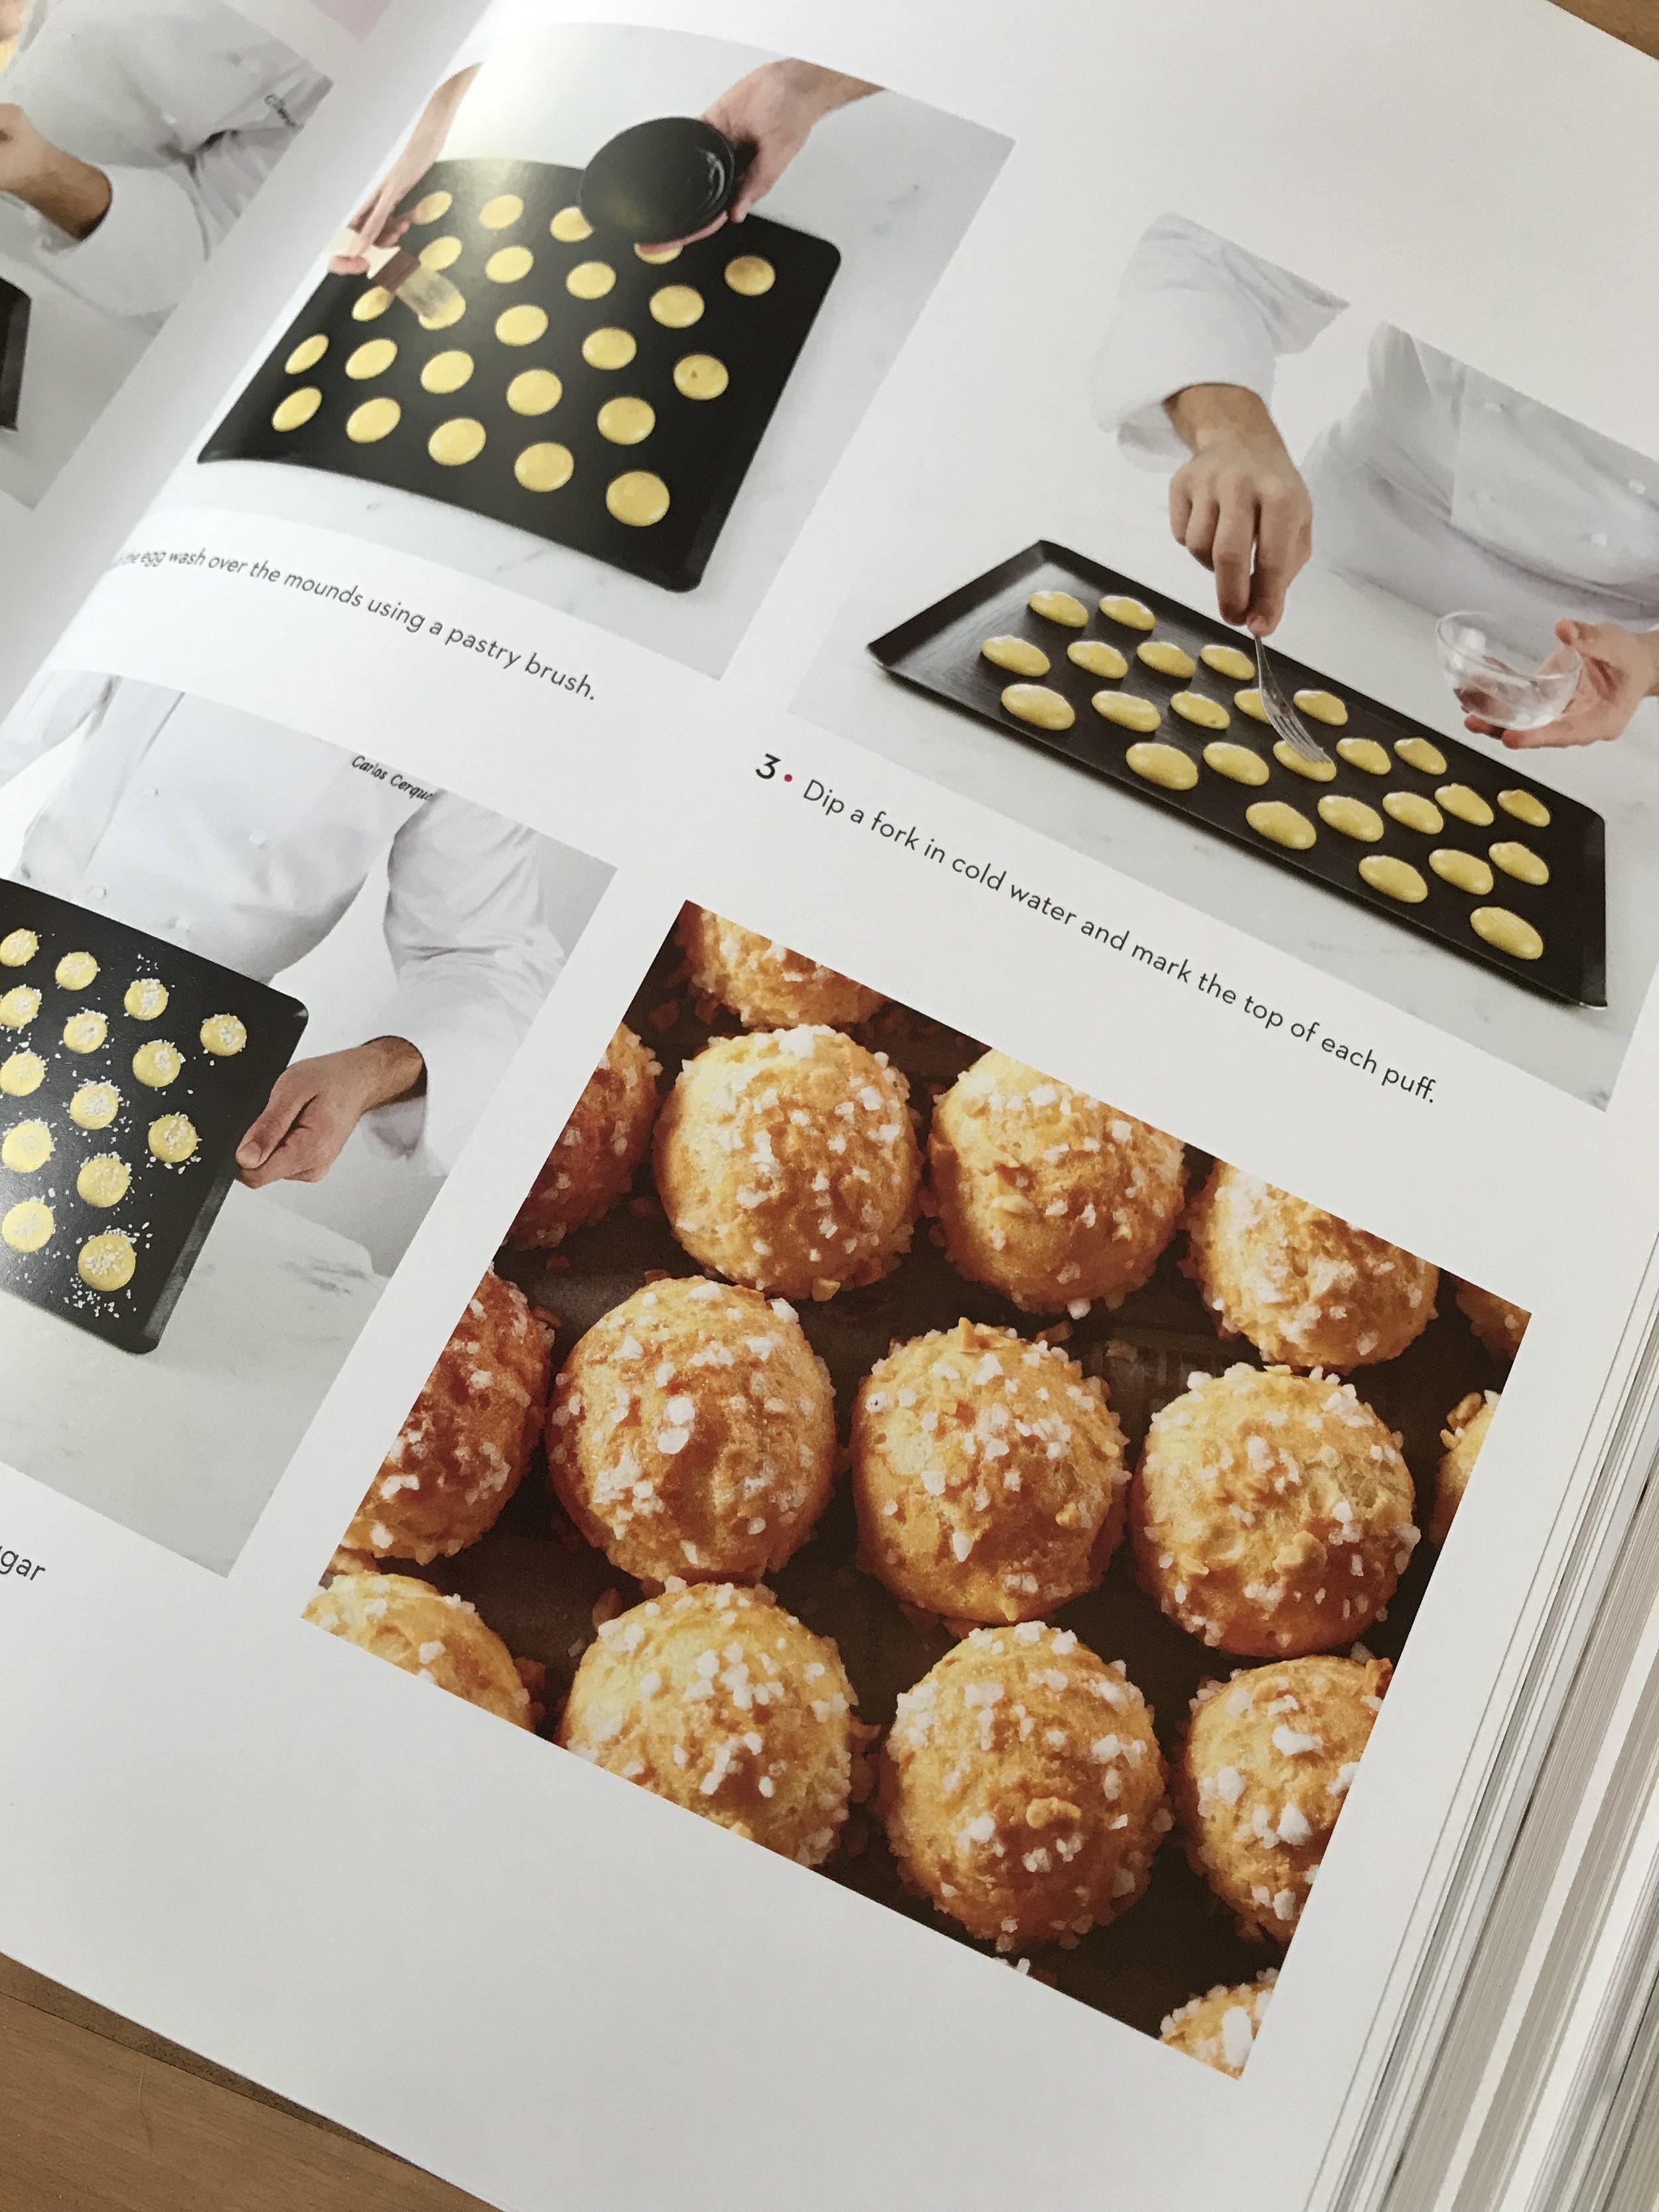 Sugar crusted cream puffs.